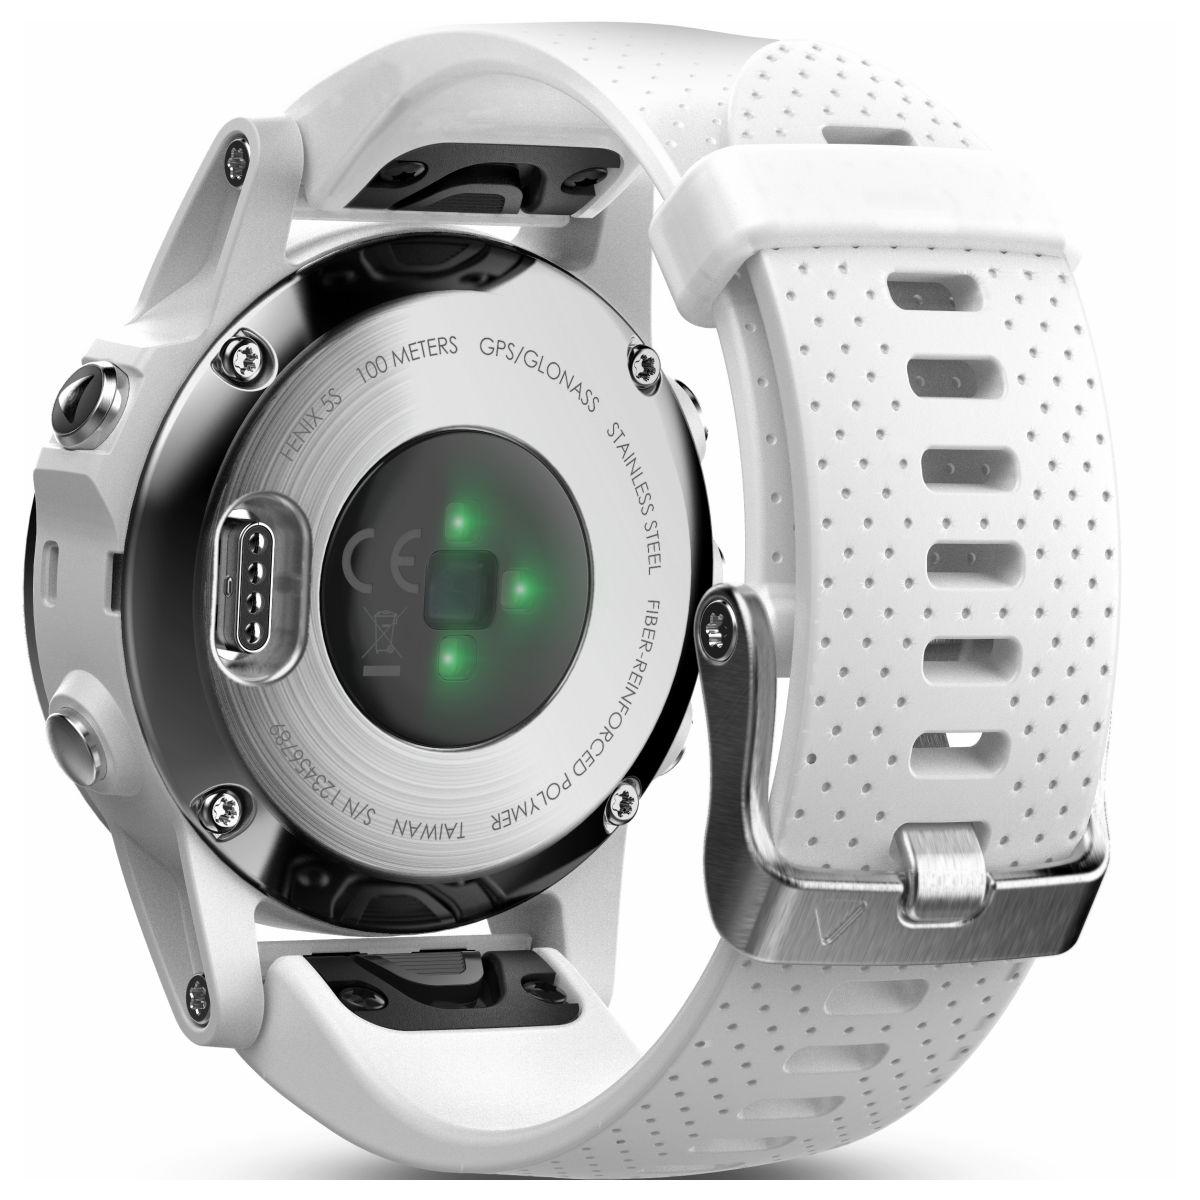 ガーミン GARMIN フェニックス 5S fenix 5S White スマートウォッチ ウェアラブル端末 腕時計 メンズ レディース 010-01685-36